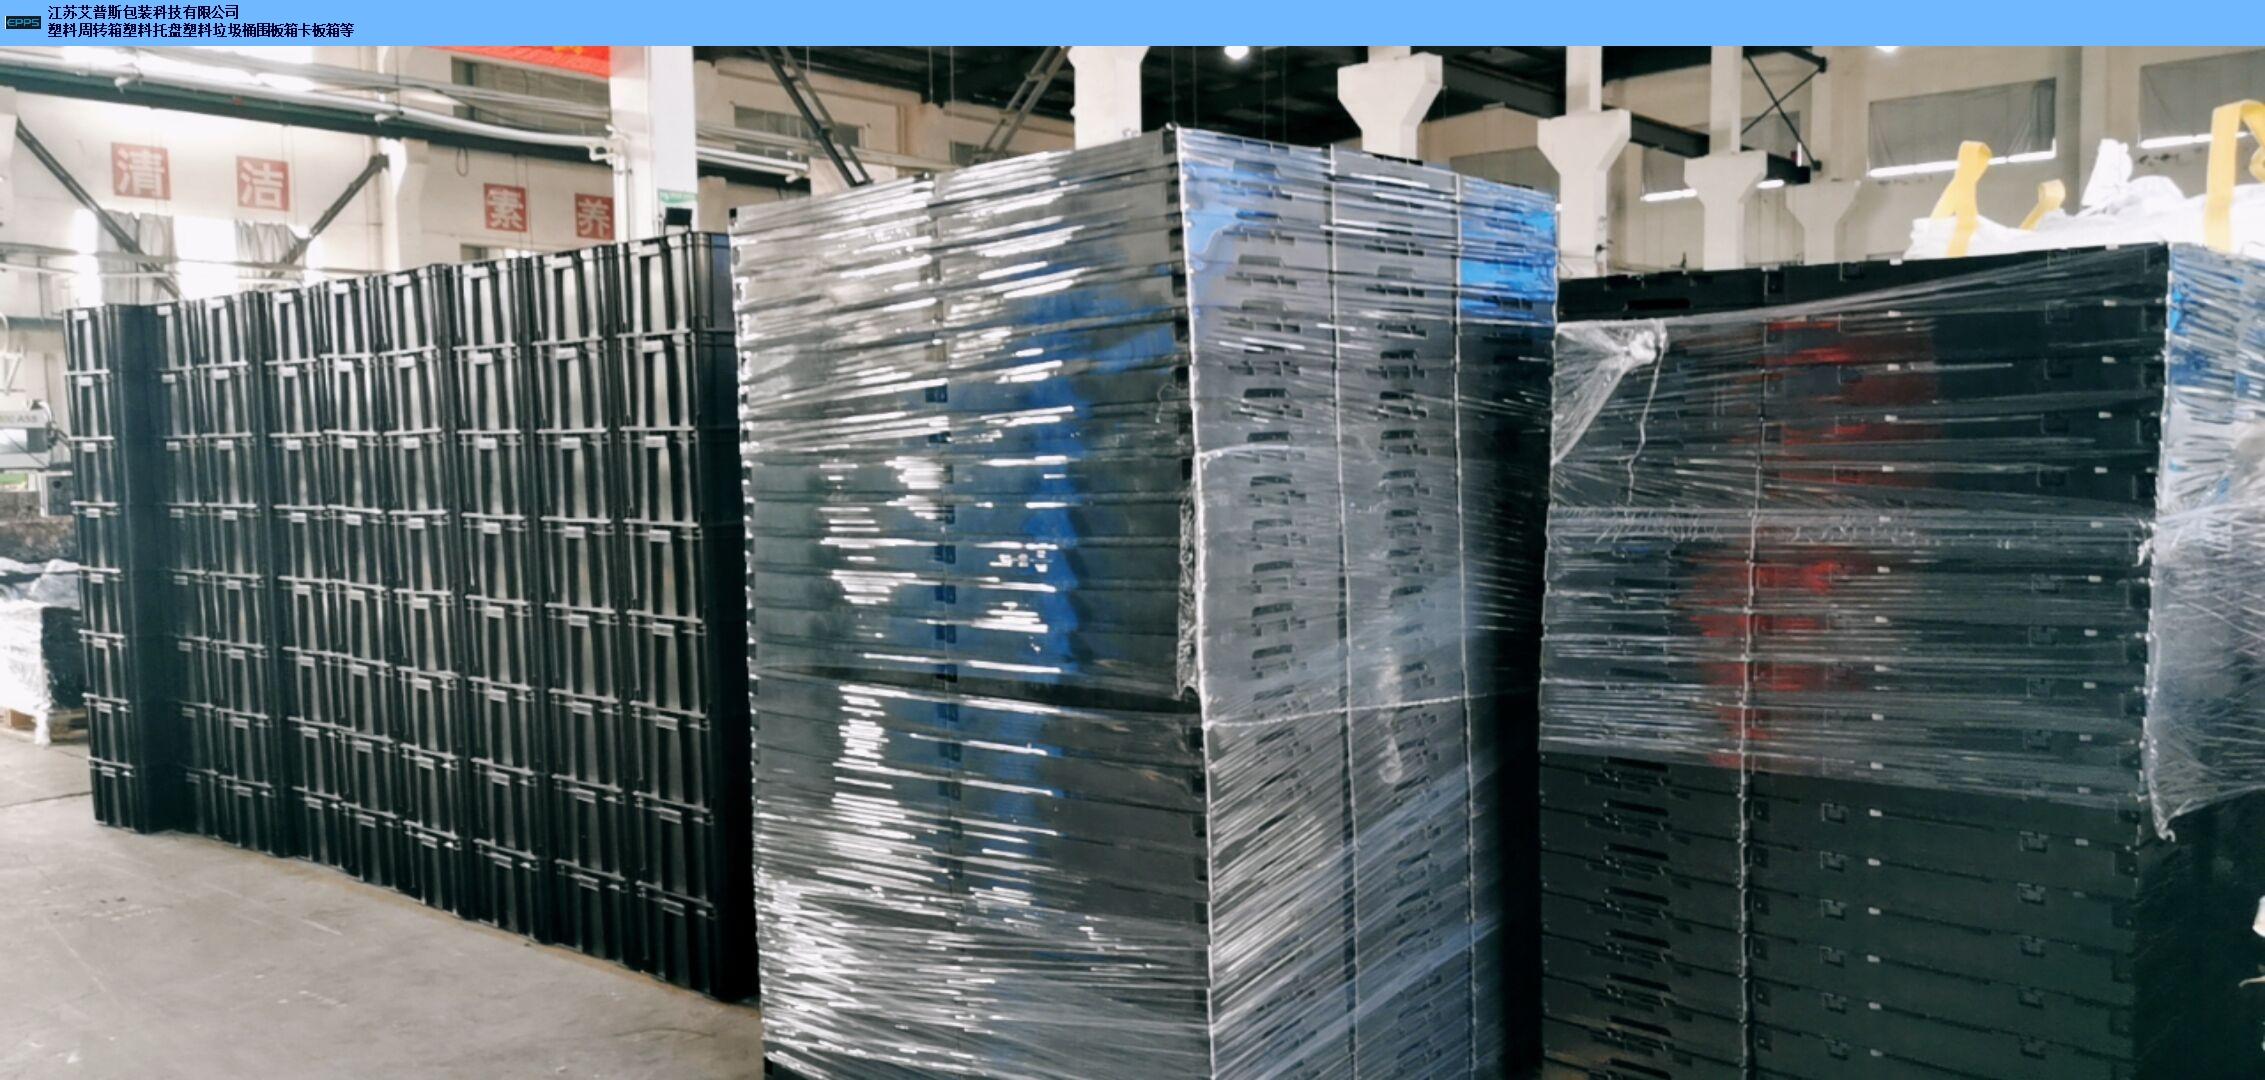 常州防靜電周轉箱批發 服務為先「江蘇艾普斯包裝供應」